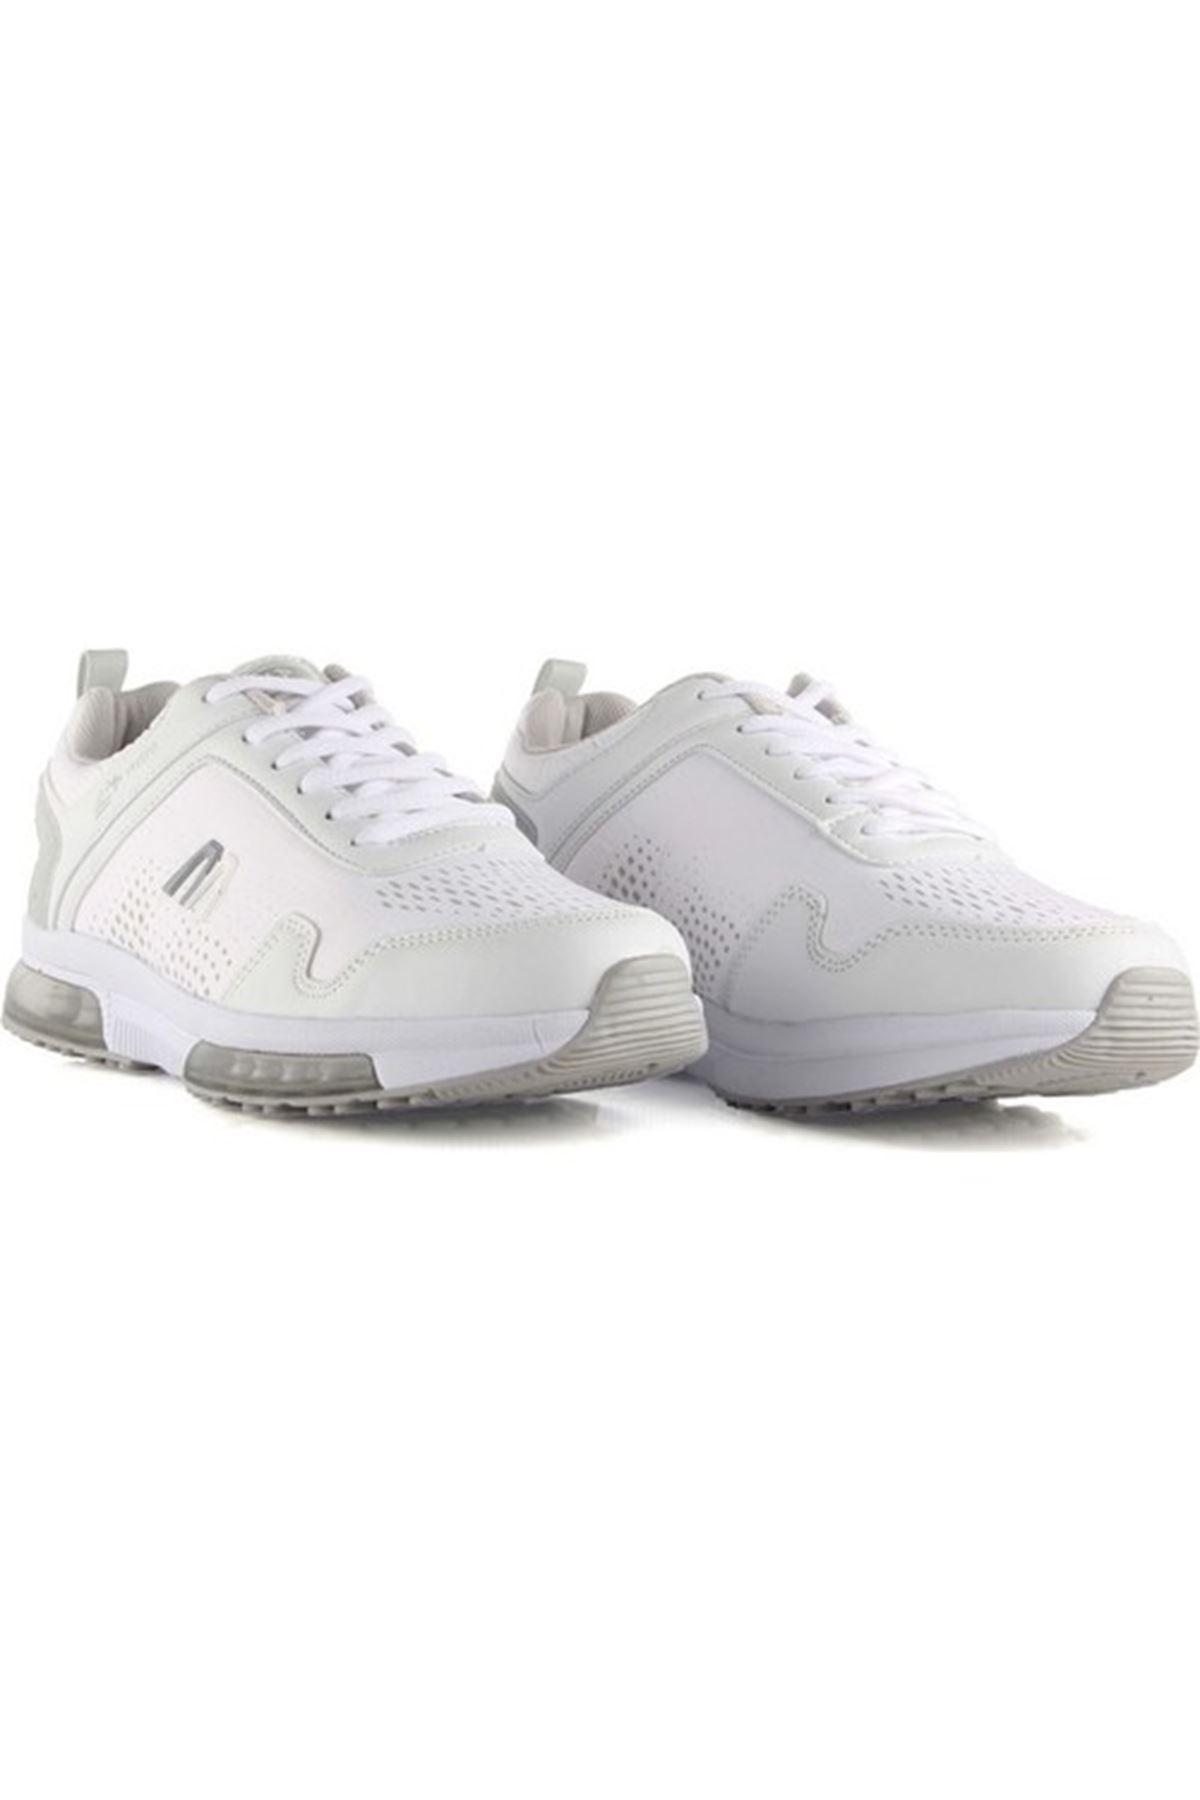 MP 191-7302 Erkek Günlük Ve Yürüyüş Spor Ayakkabı